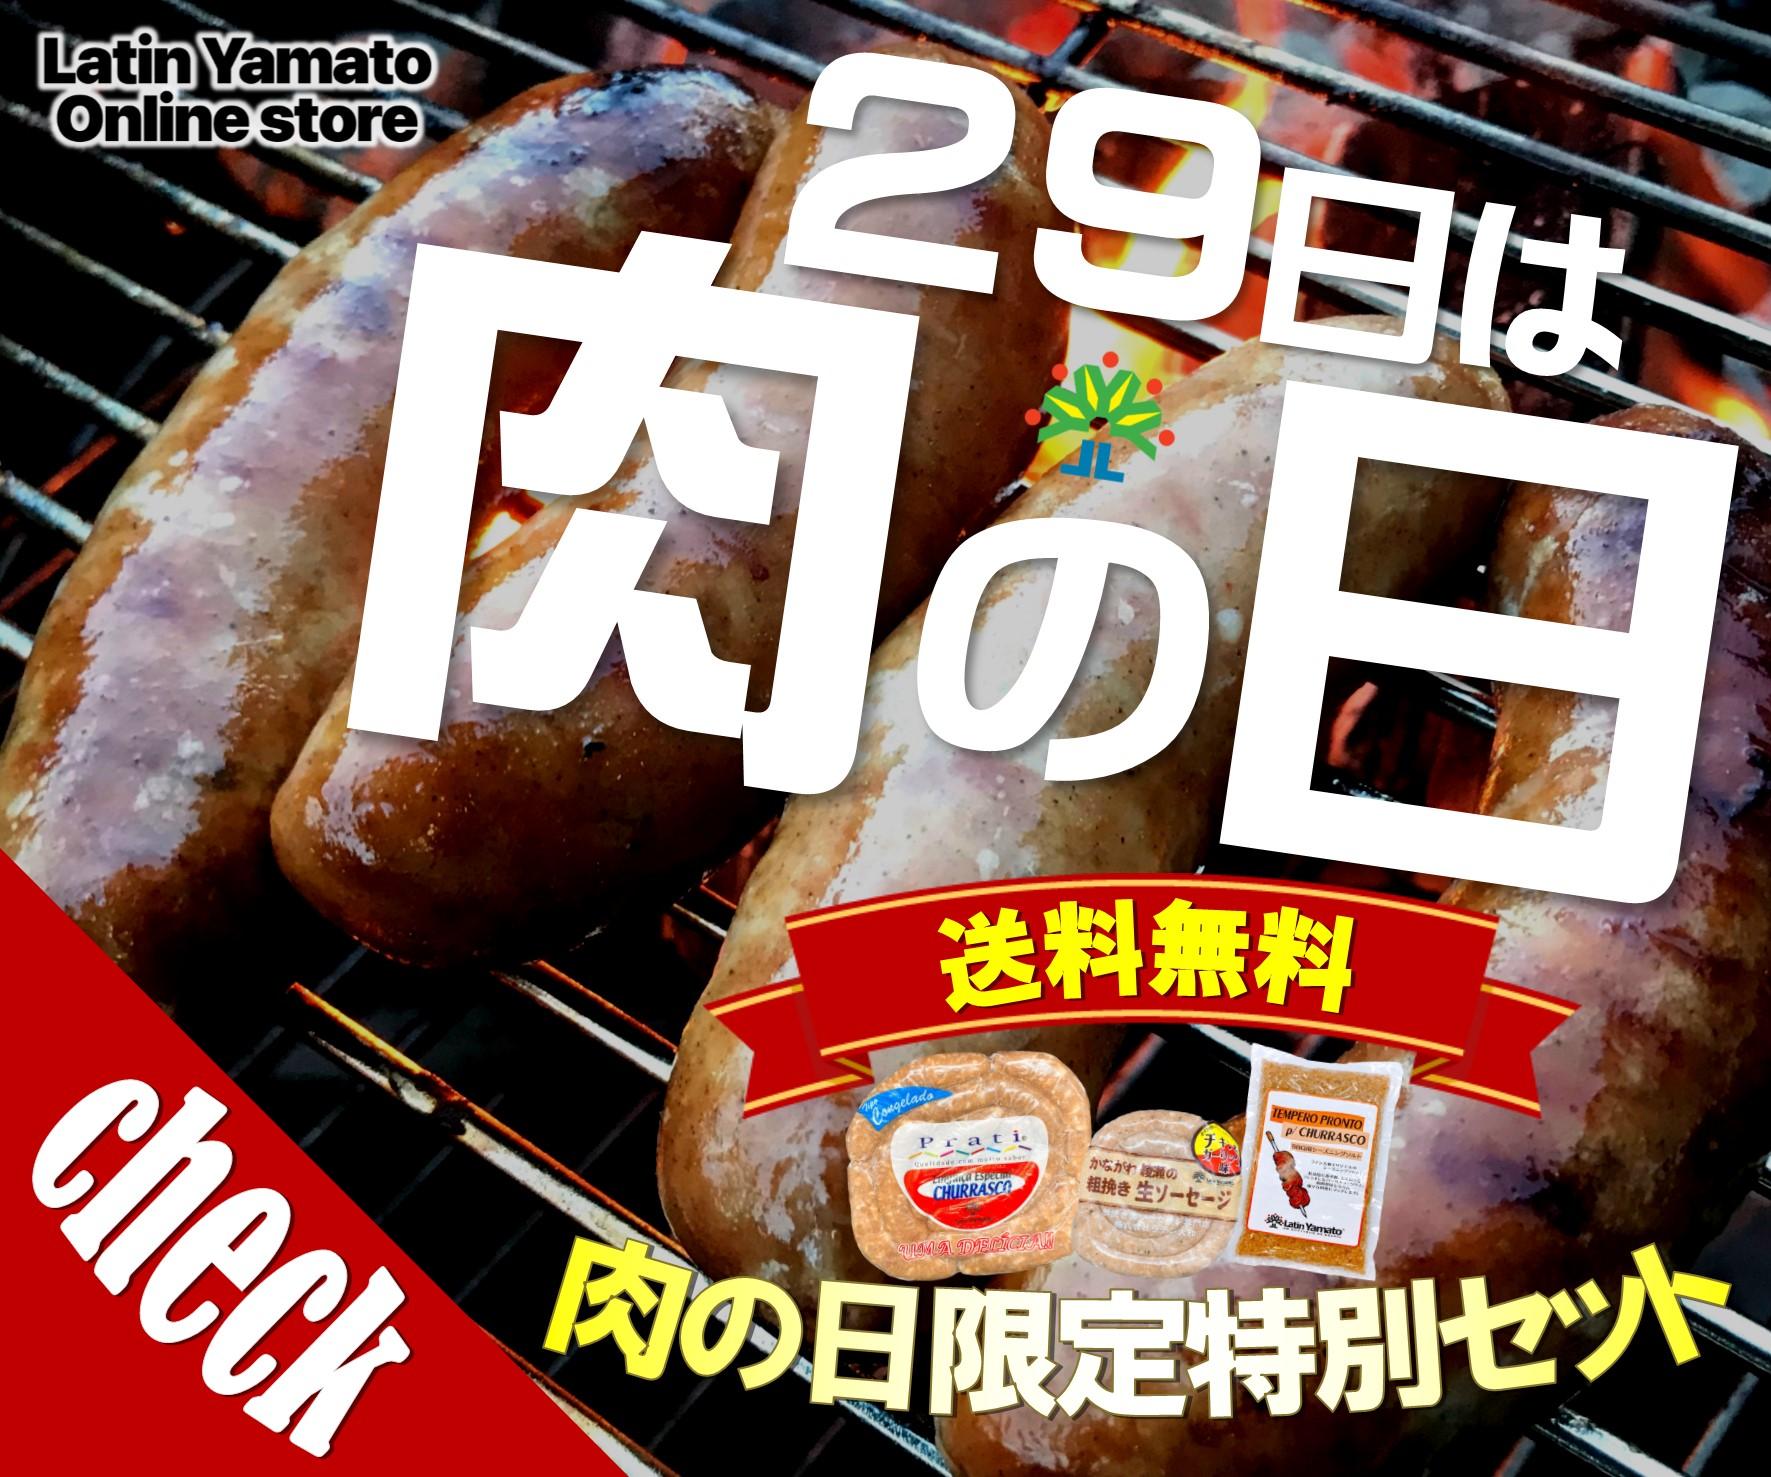 肉の日限定特別セットが登場!